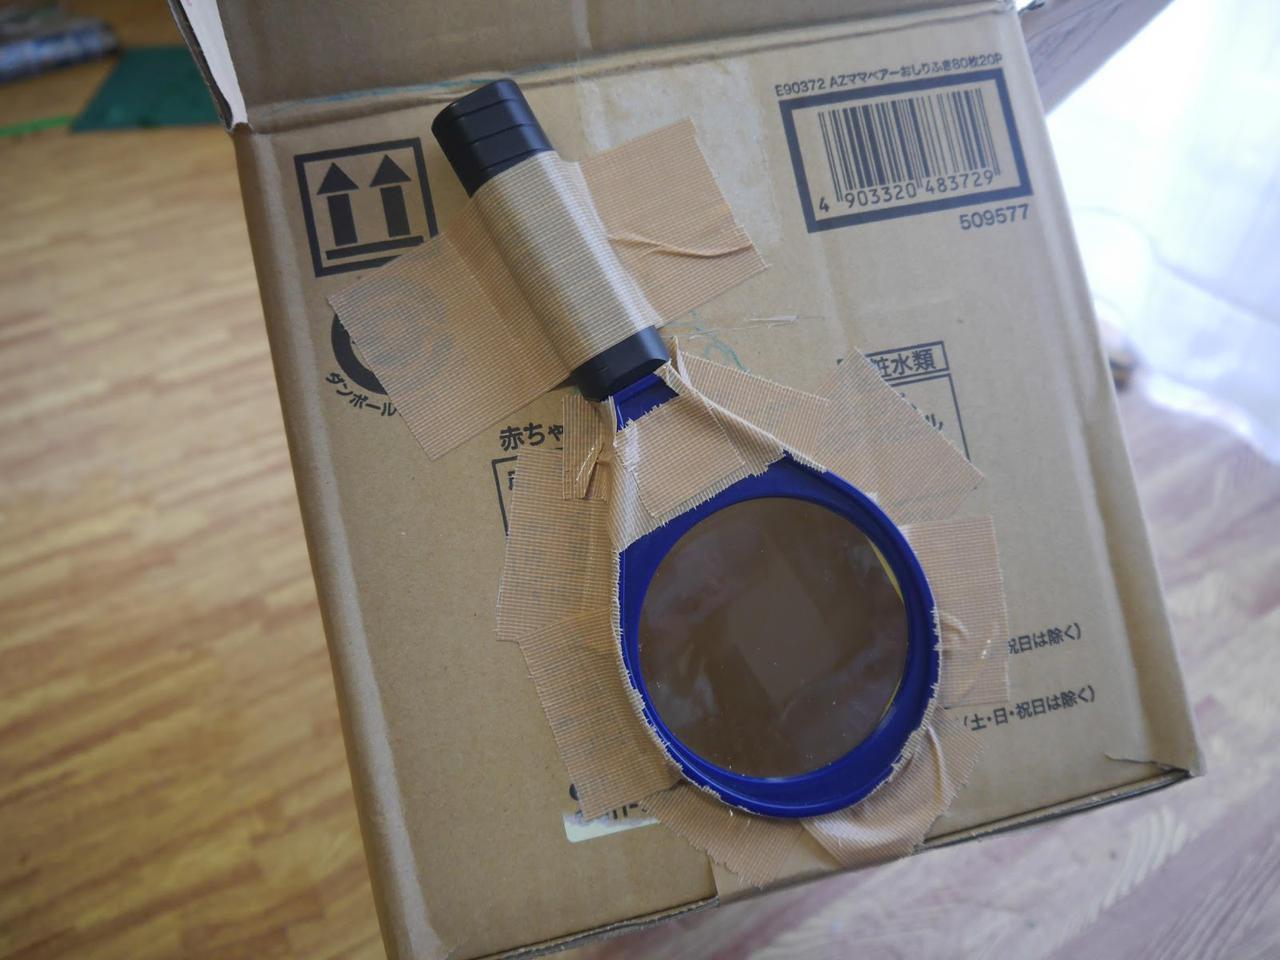 画像1: 【作り方】ダンボールとスマホと虫眼鏡でプロジェクターを作ろう